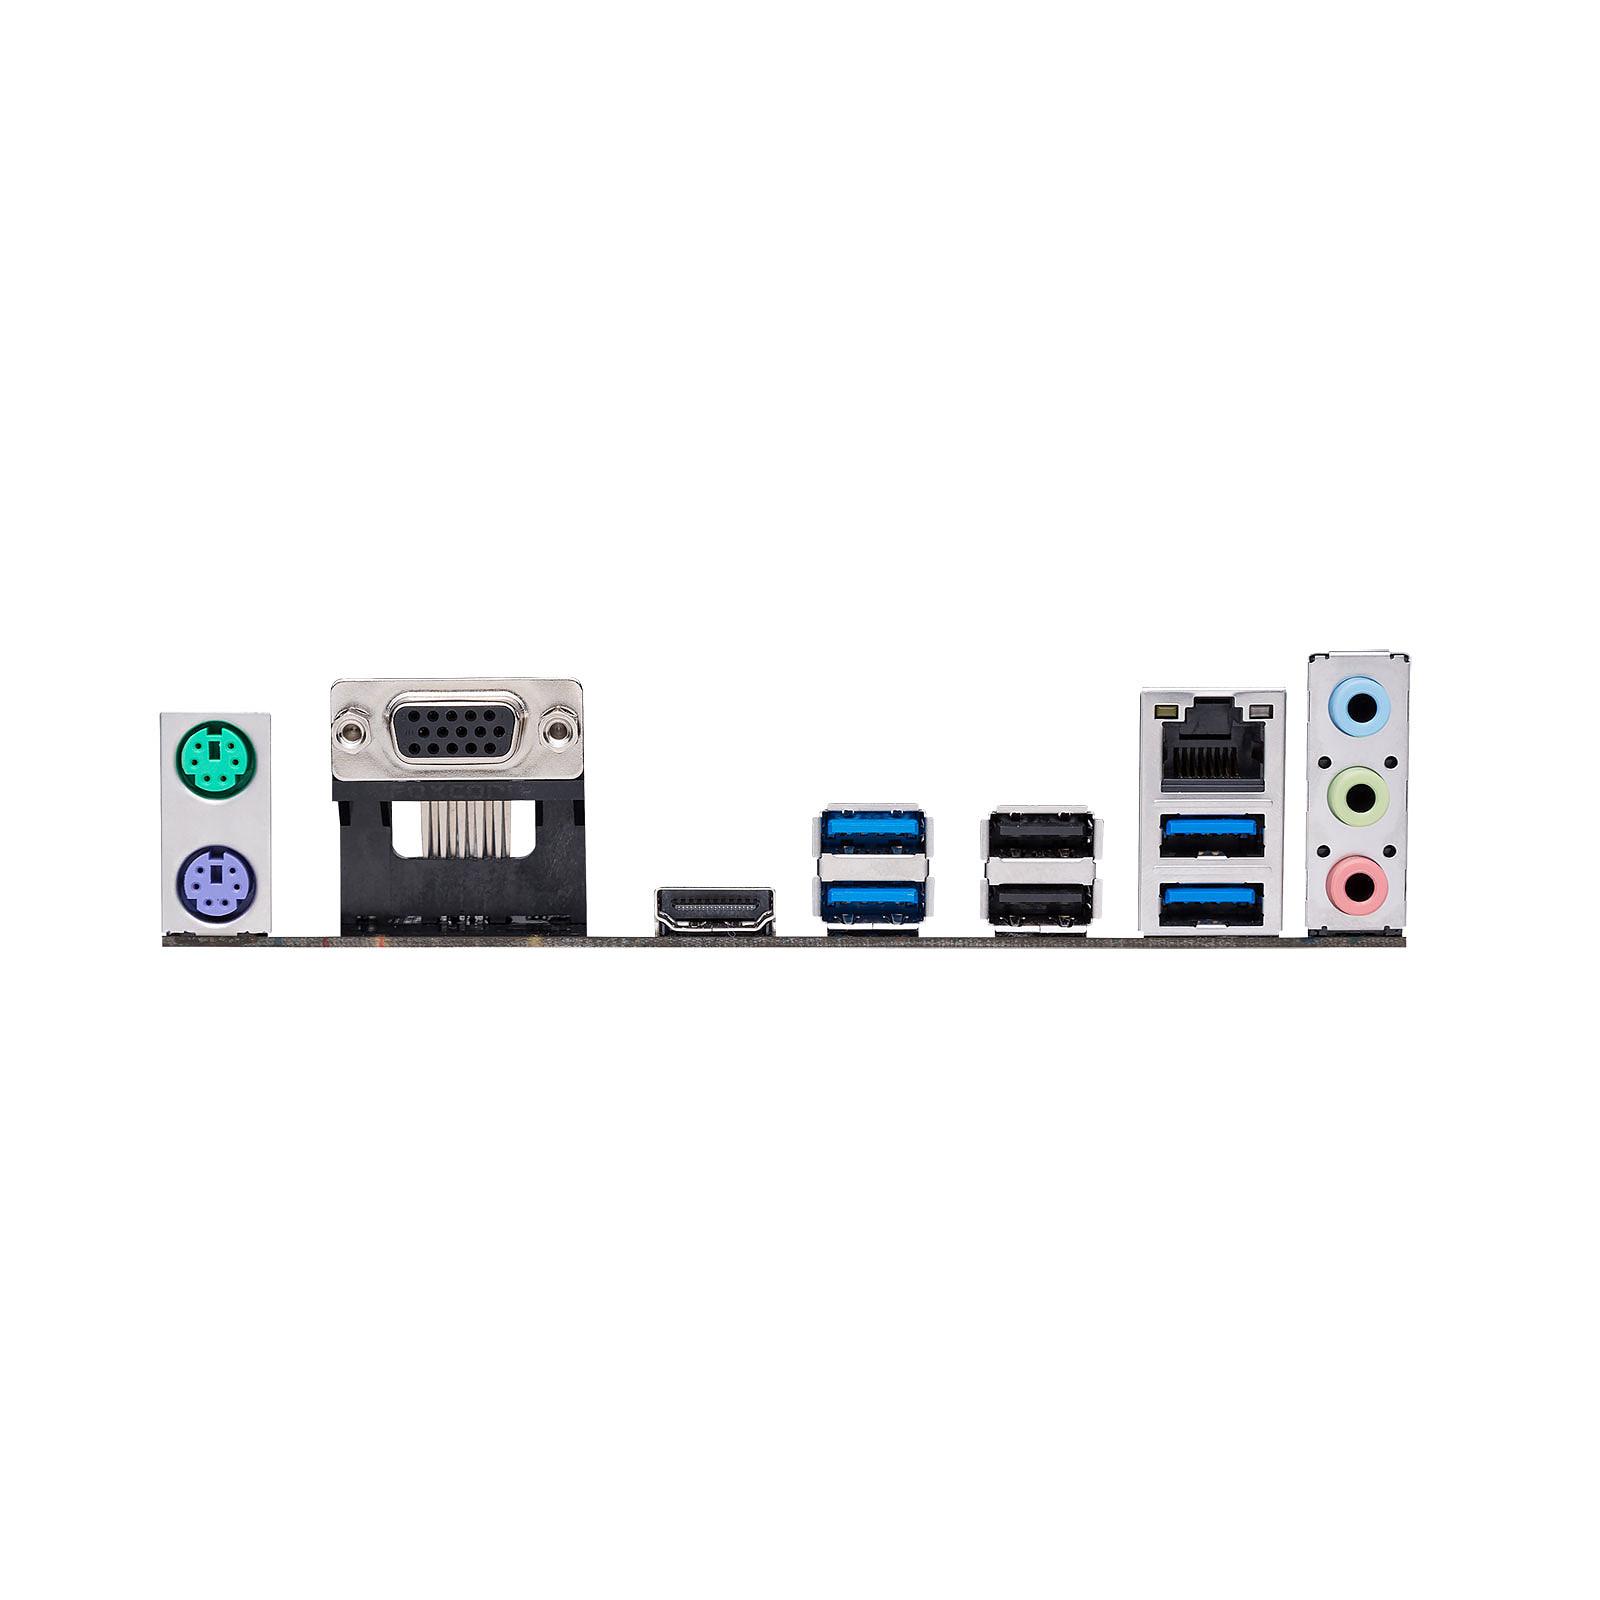 Carte mère Asus Prime A320M-K Socket AM4 (AMD A320) mATX, informatique ile de la Réunion 974